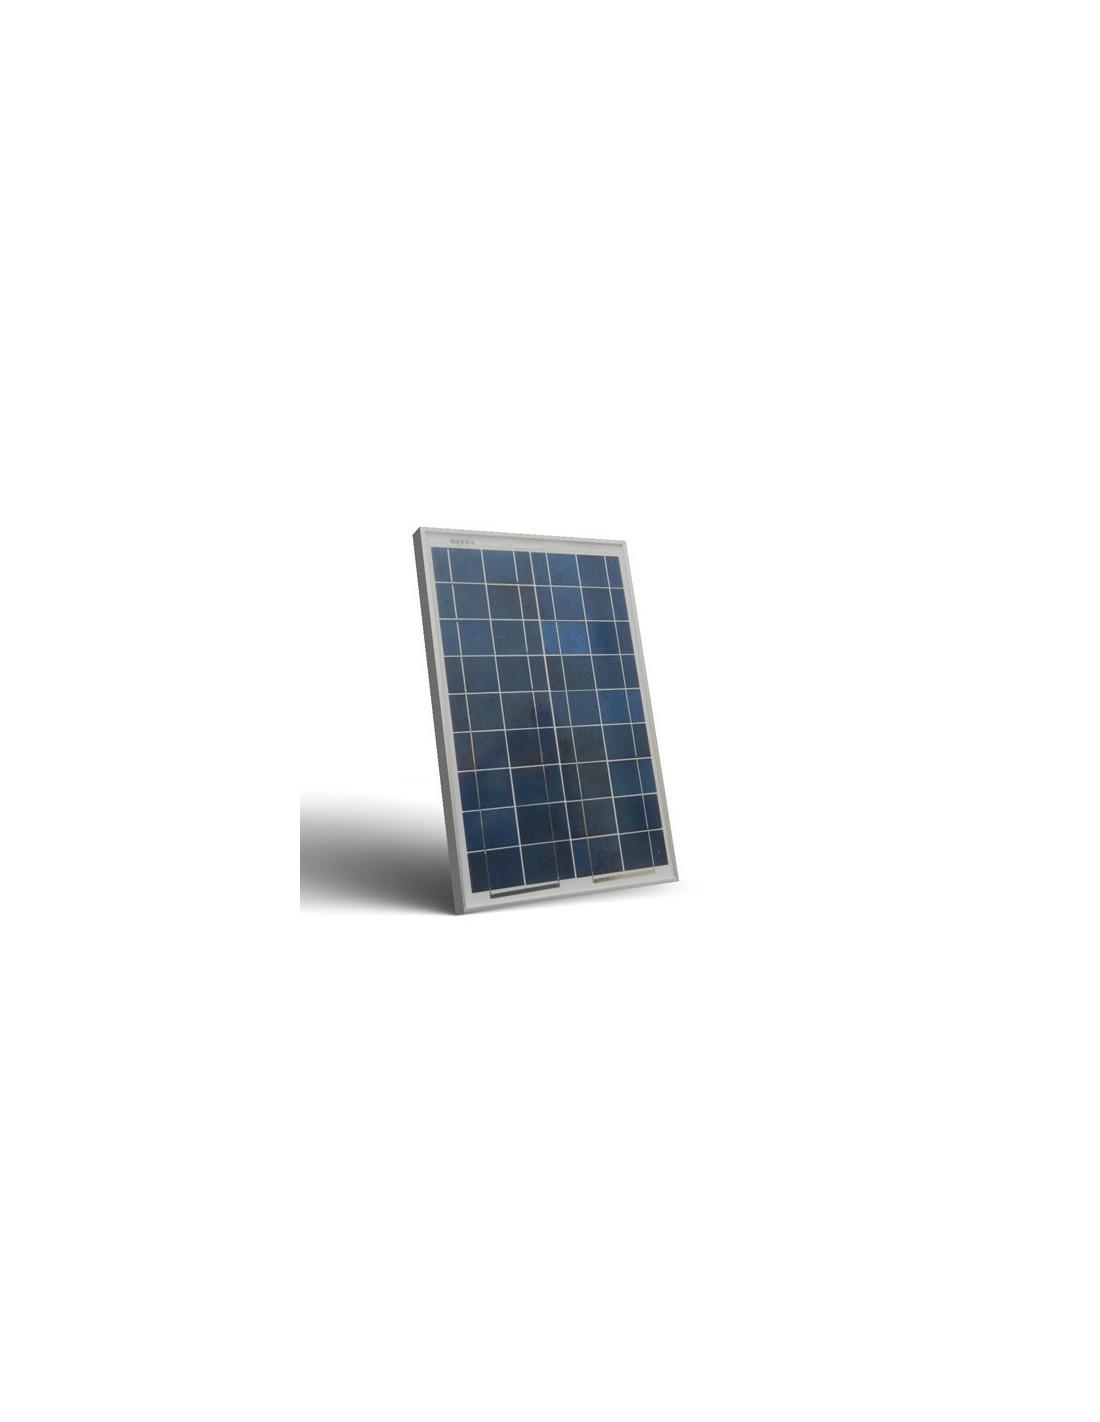 panneau solaire photovoltaique 20w 12v polycristallin roulottes bateaux chalet. Black Bedroom Furniture Sets. Home Design Ideas